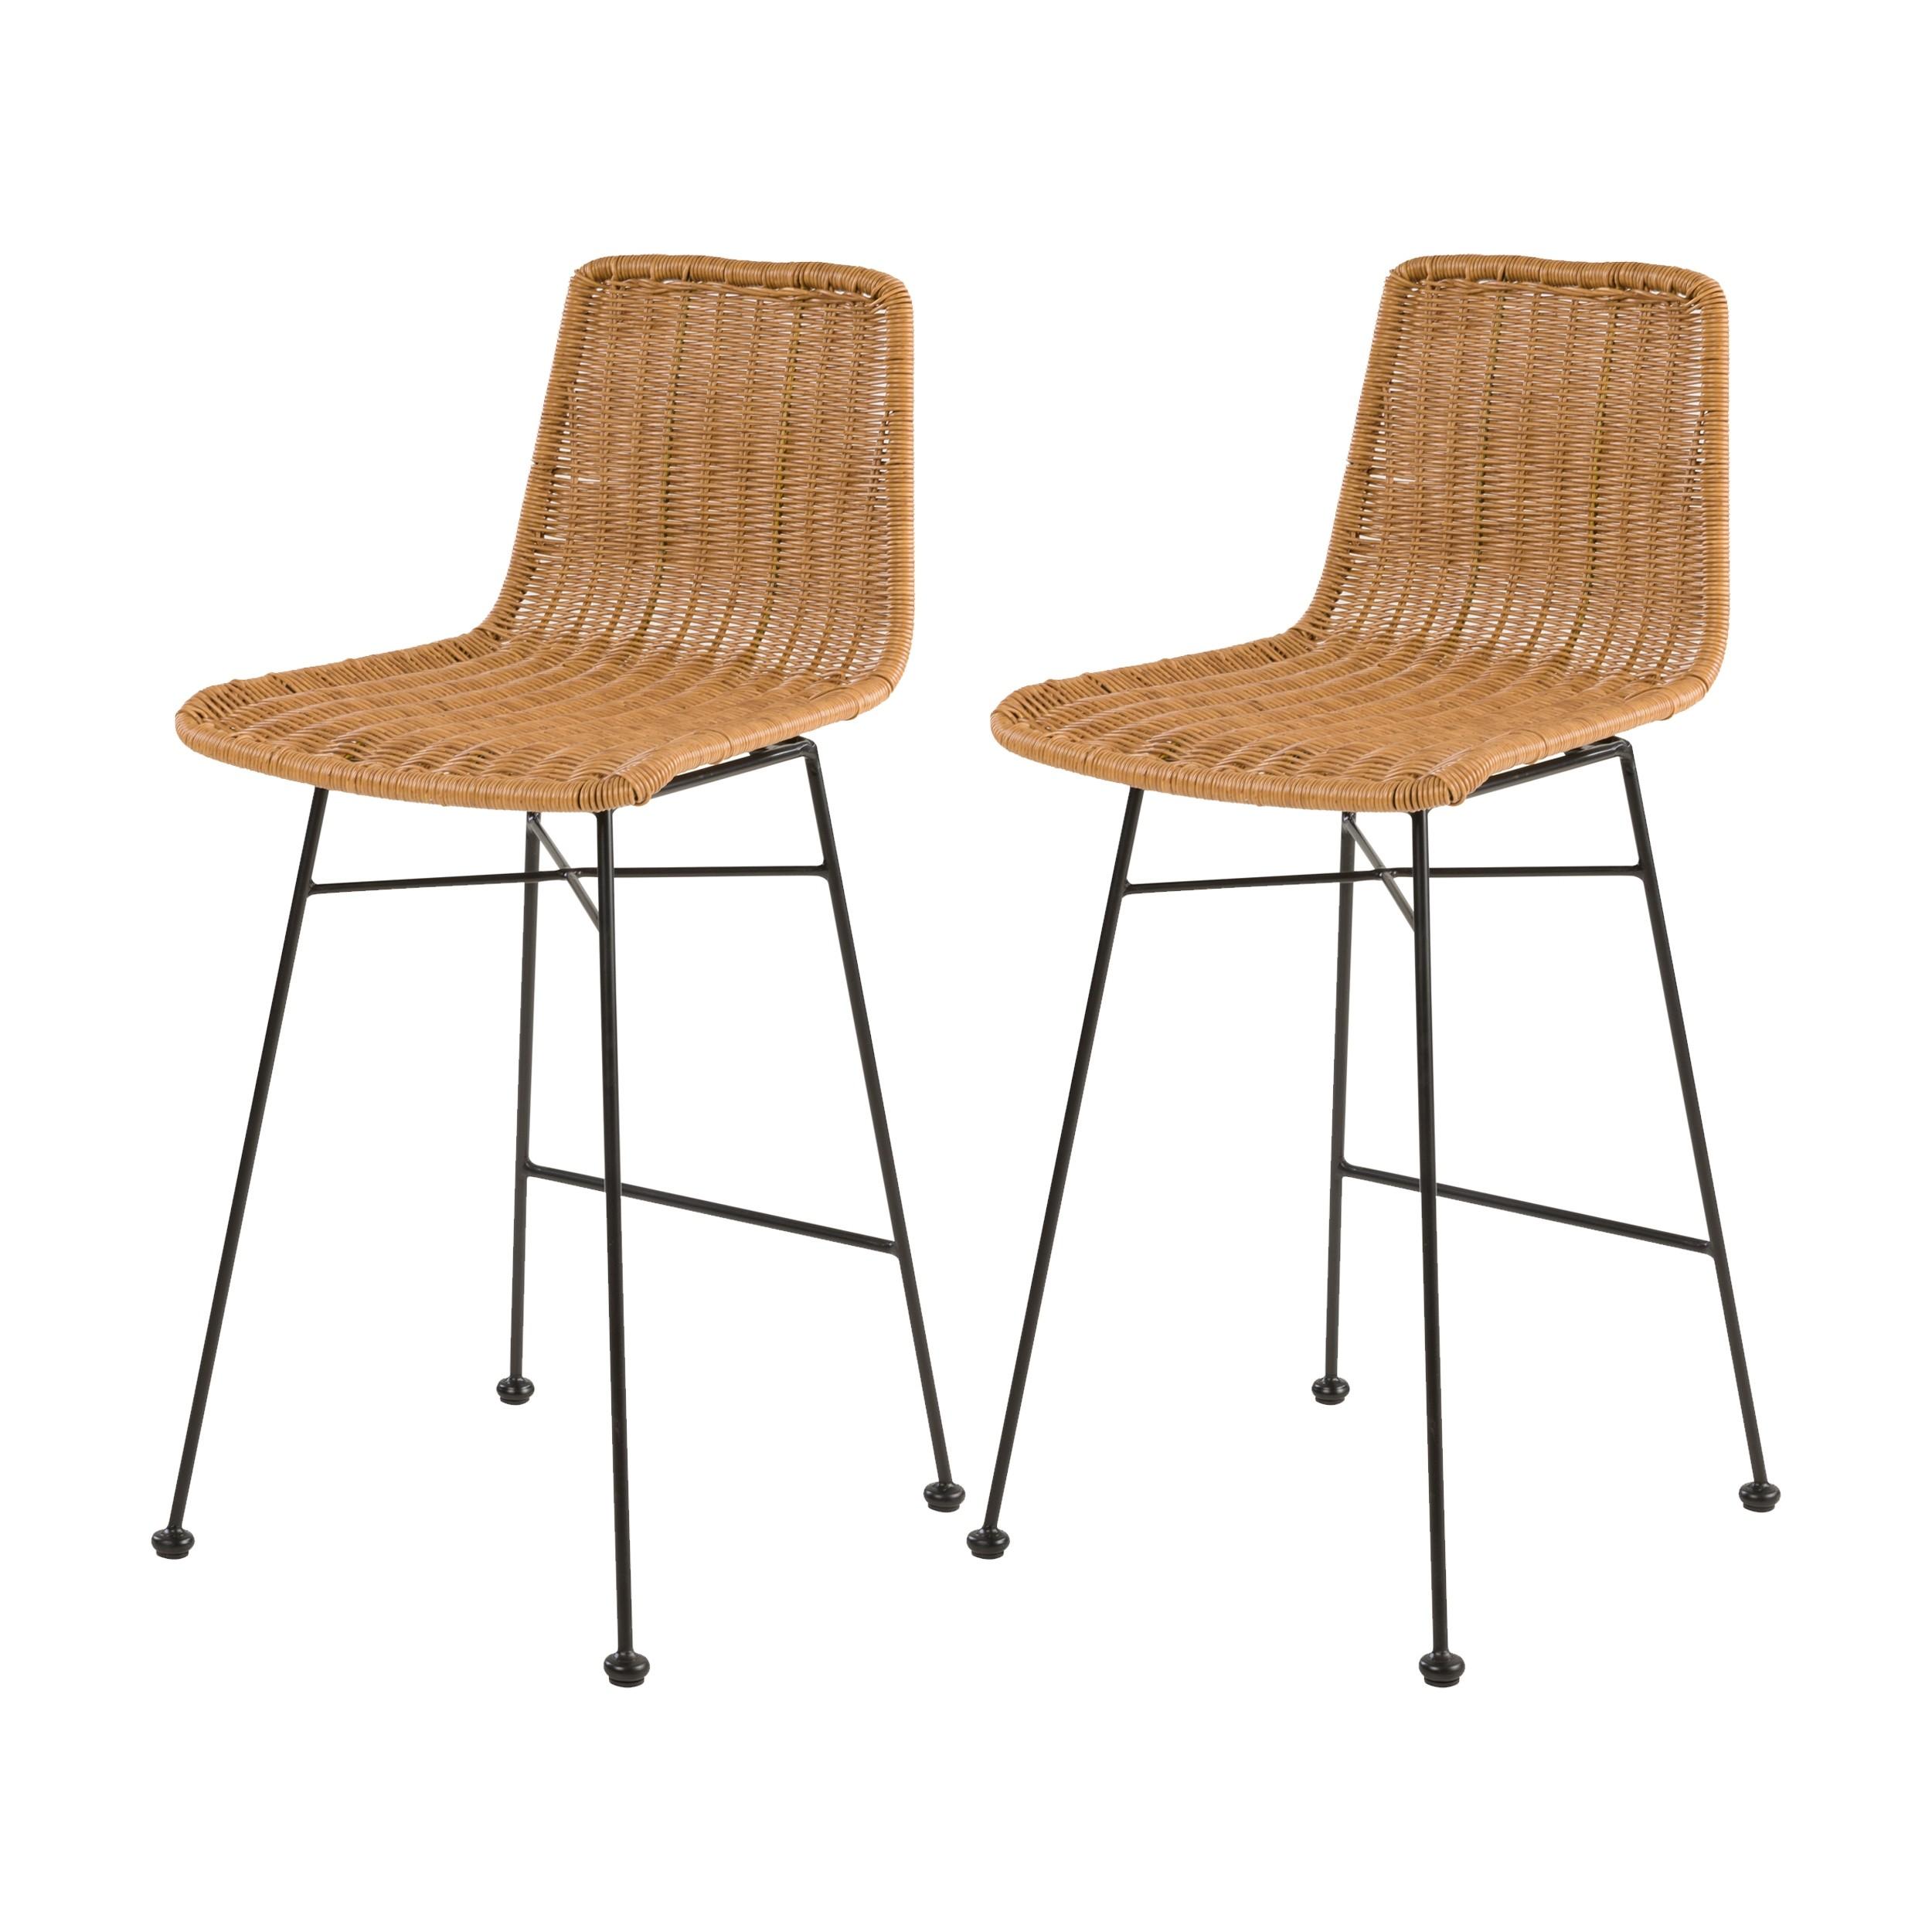 acheter chaise de bar en-matiere-naturelle-tresse